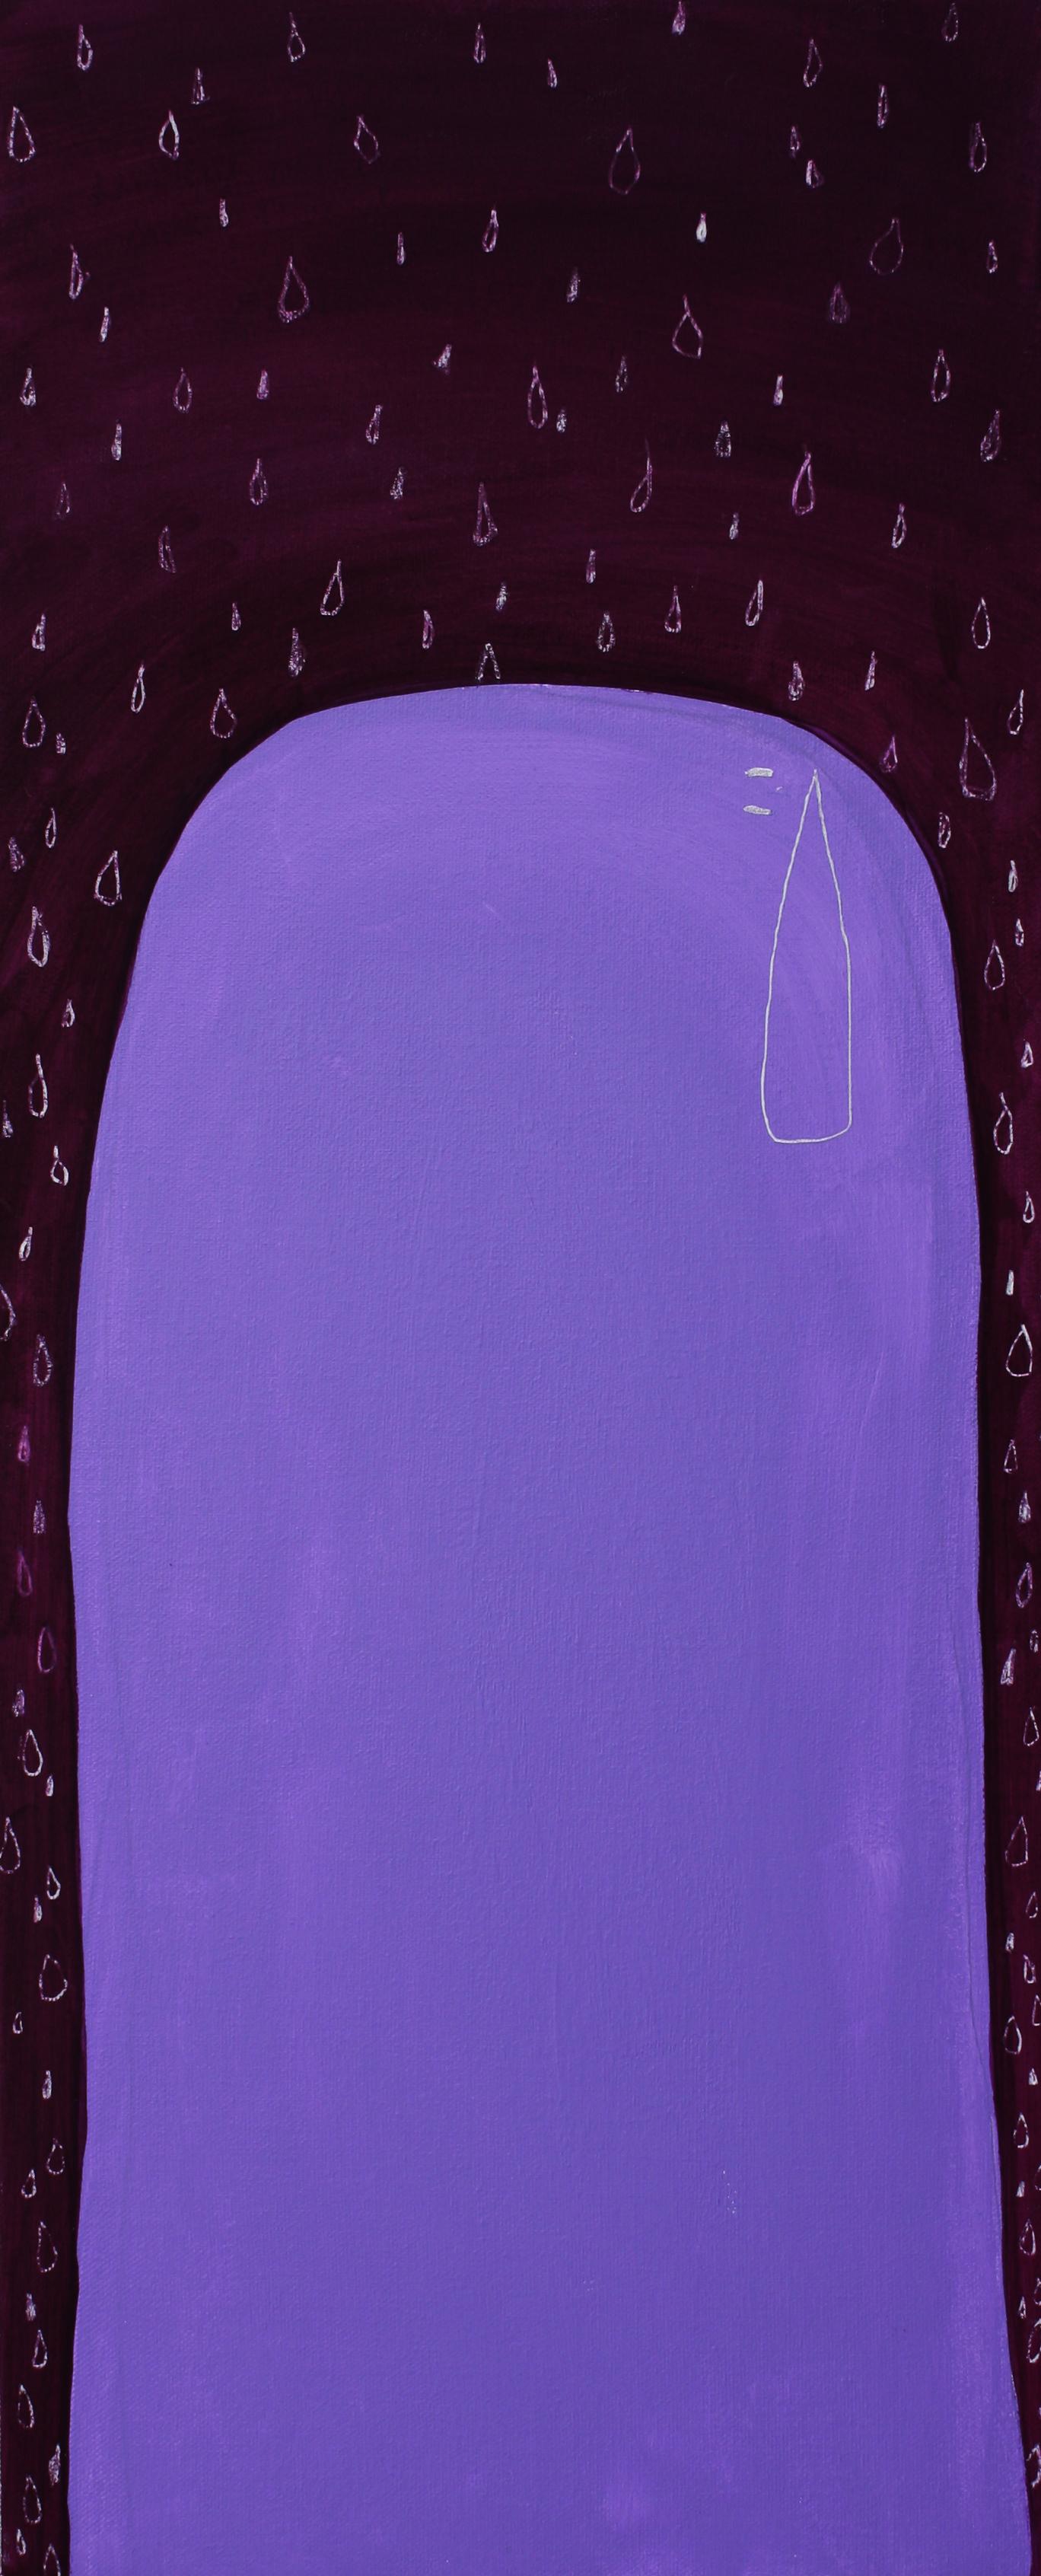 오무|Purple rain